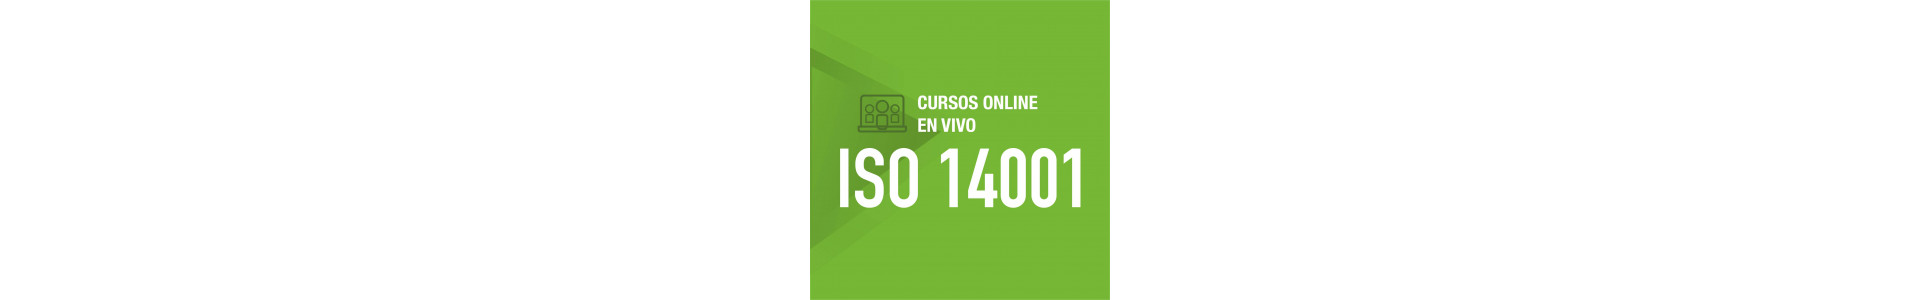 Cursos online | ISO 14001